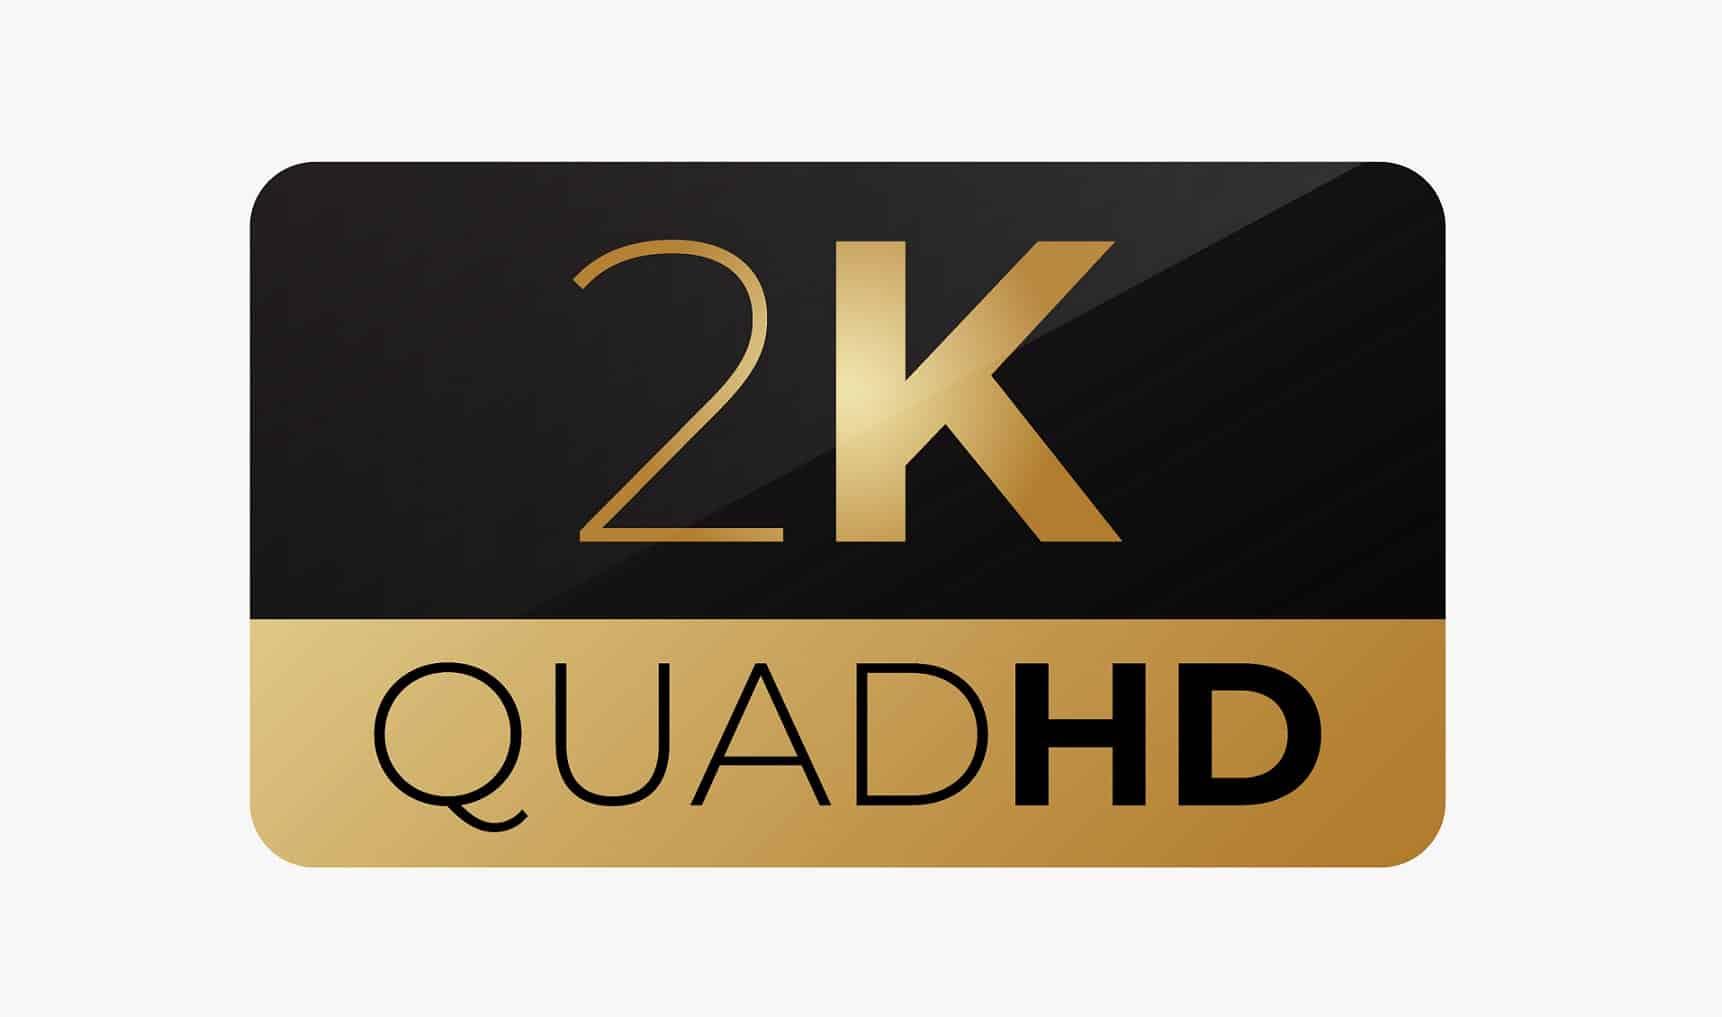 רזולוציה 2K של QUAD HD